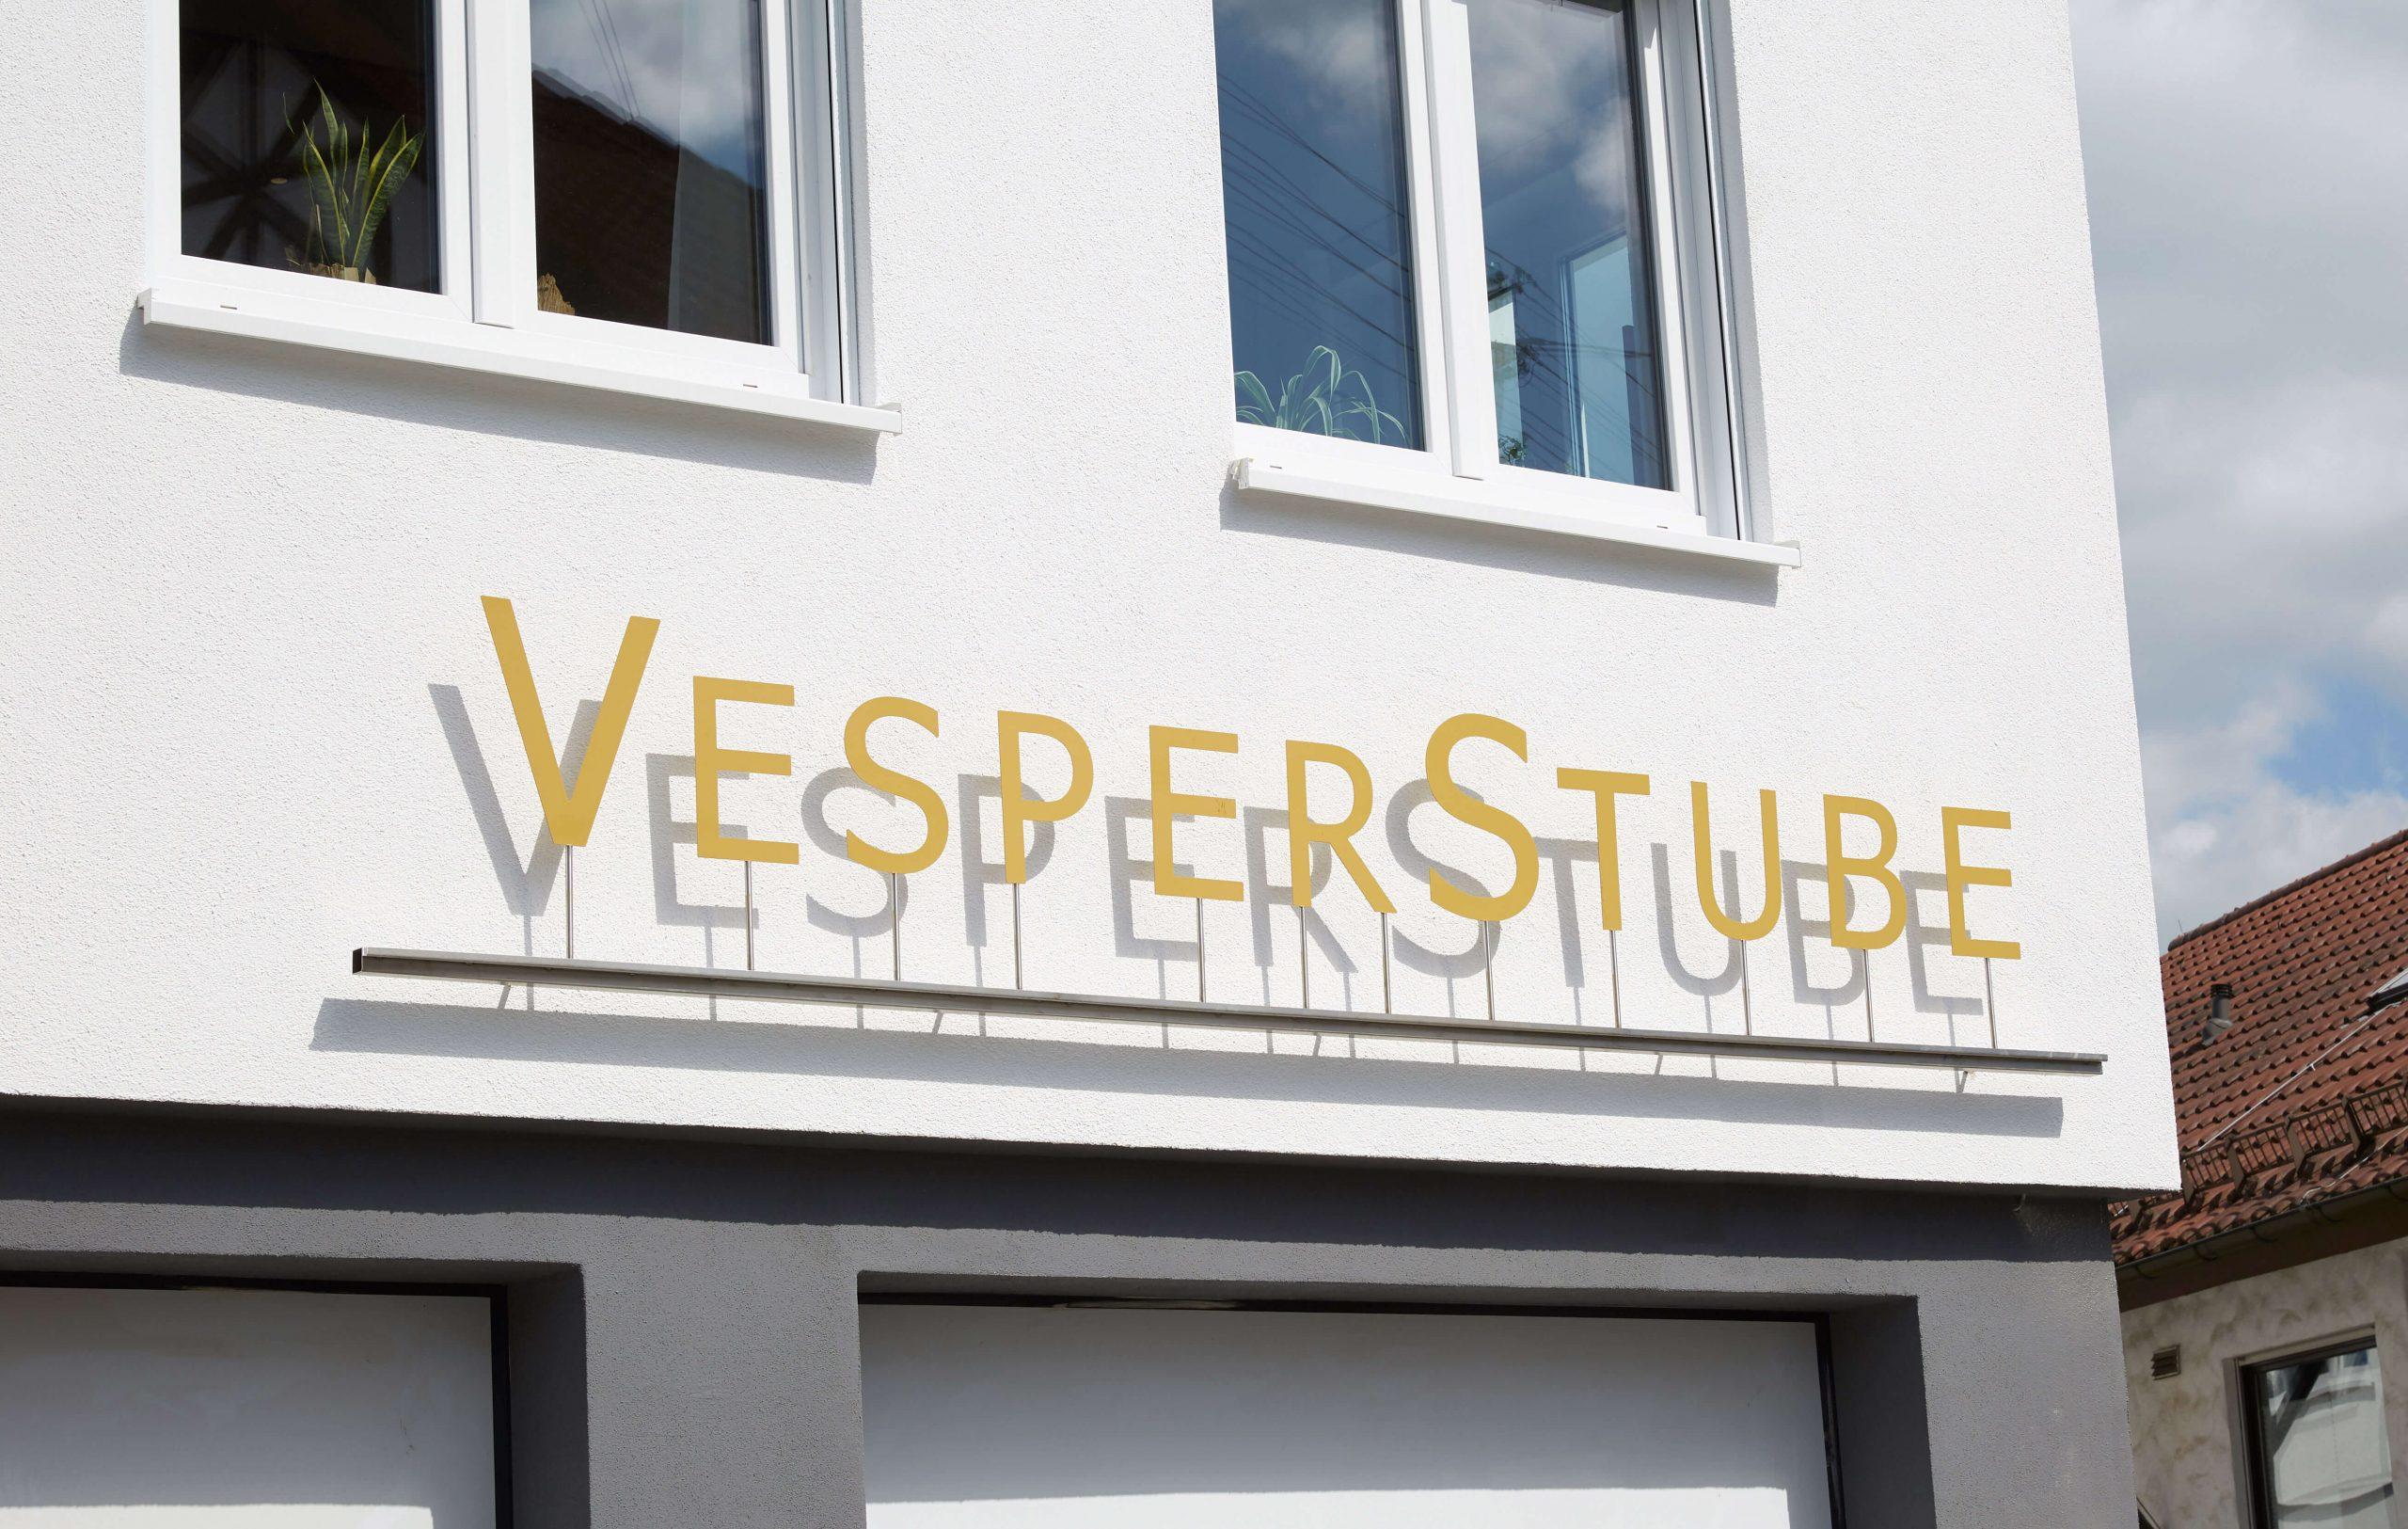 180814_Vesperstube2226-b-aus-scaled.jpg